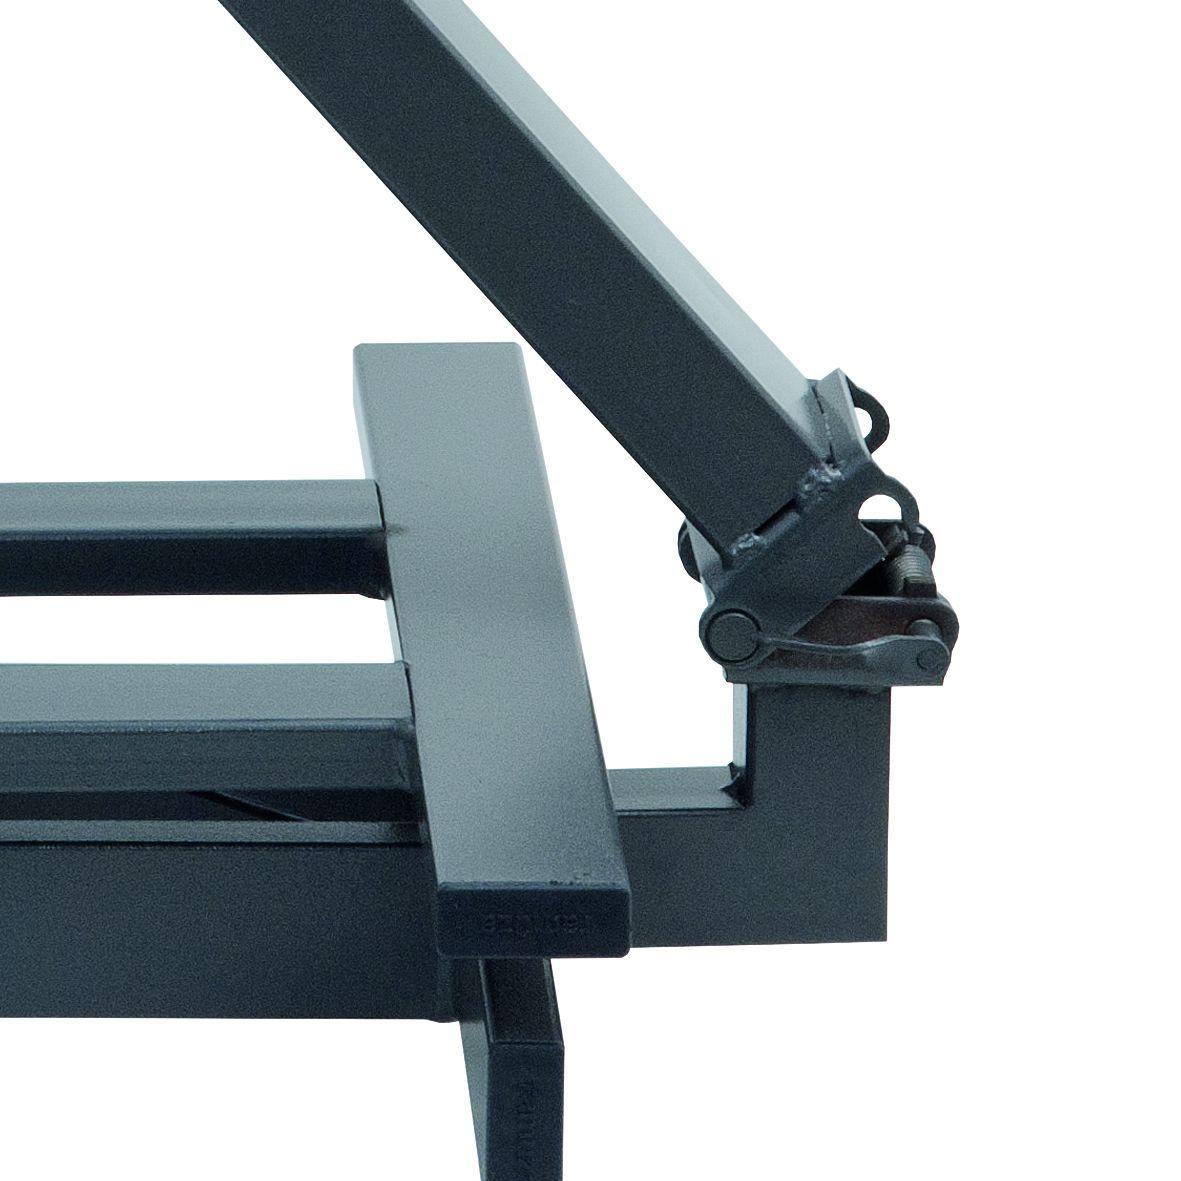 Balan�a Industrial Plataforma em A�o Carbono Ramuza DP - Capacidade:100kg, Base: 40x50cm, IDR de ABS sem bateria